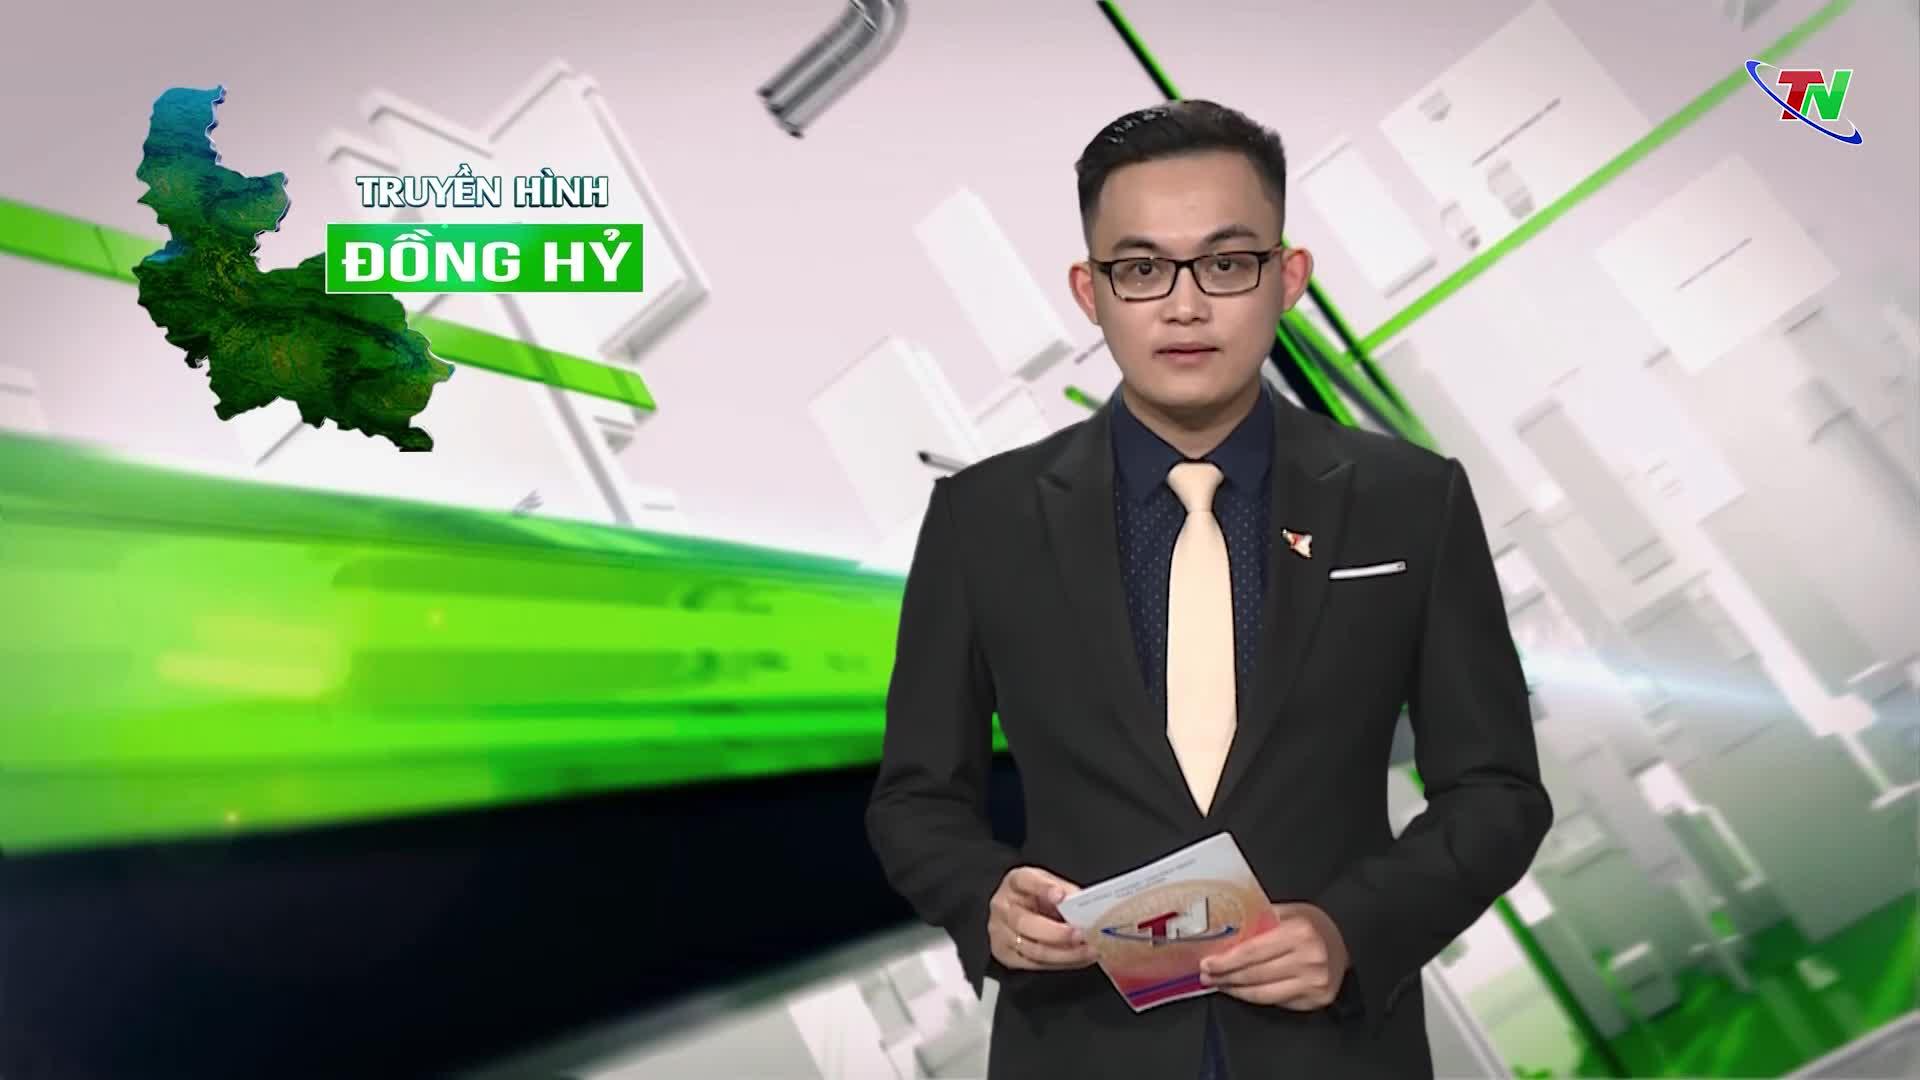 Chương trình truyền hình Đồng Hỷ ngày 10/6/2020